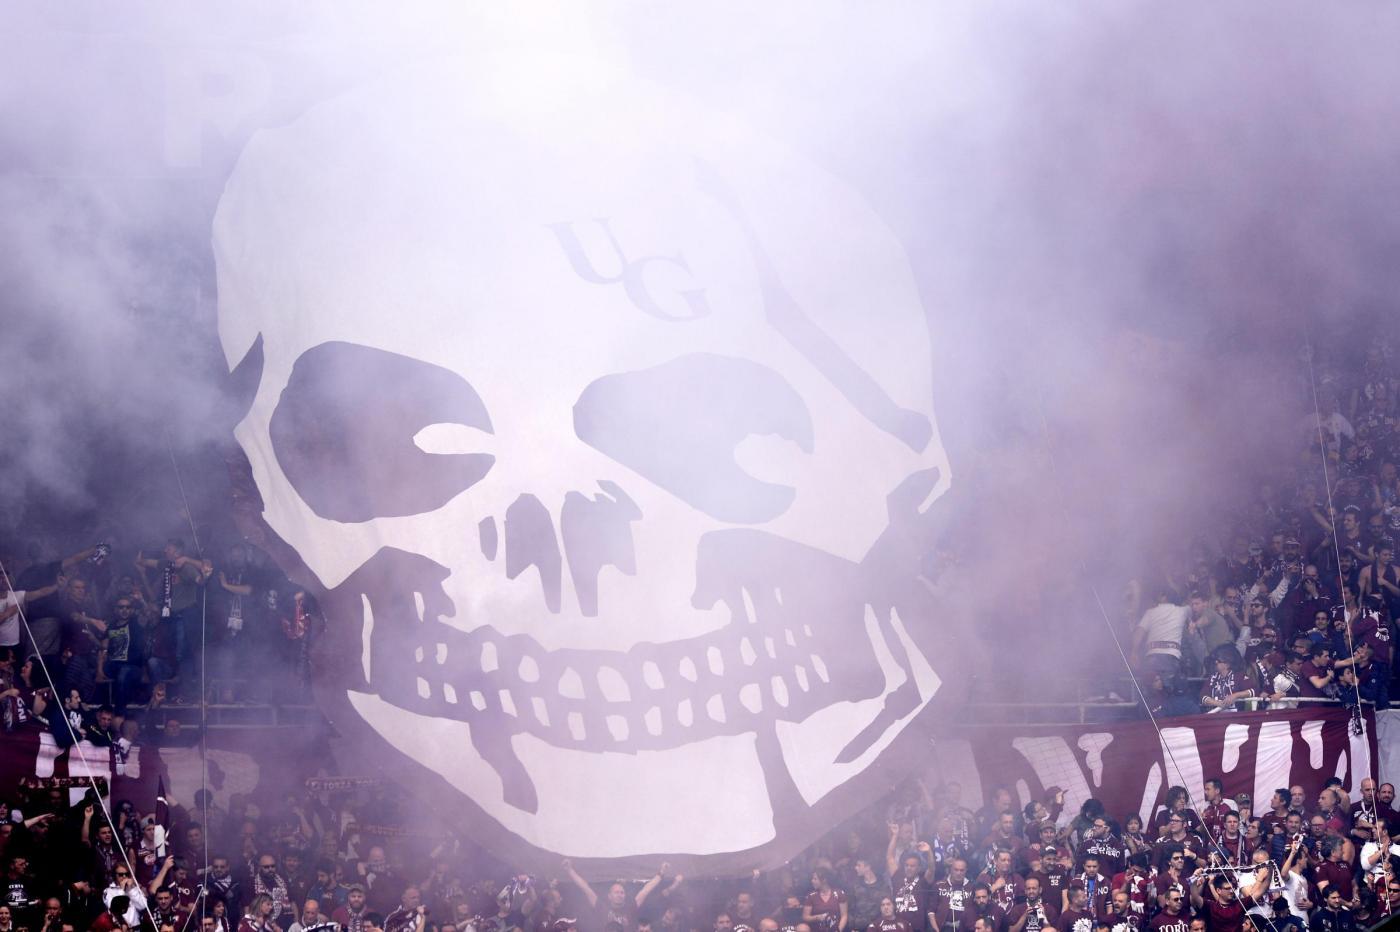 Derby Juve-Torino, bomba carta allo stadio: 12 feriti